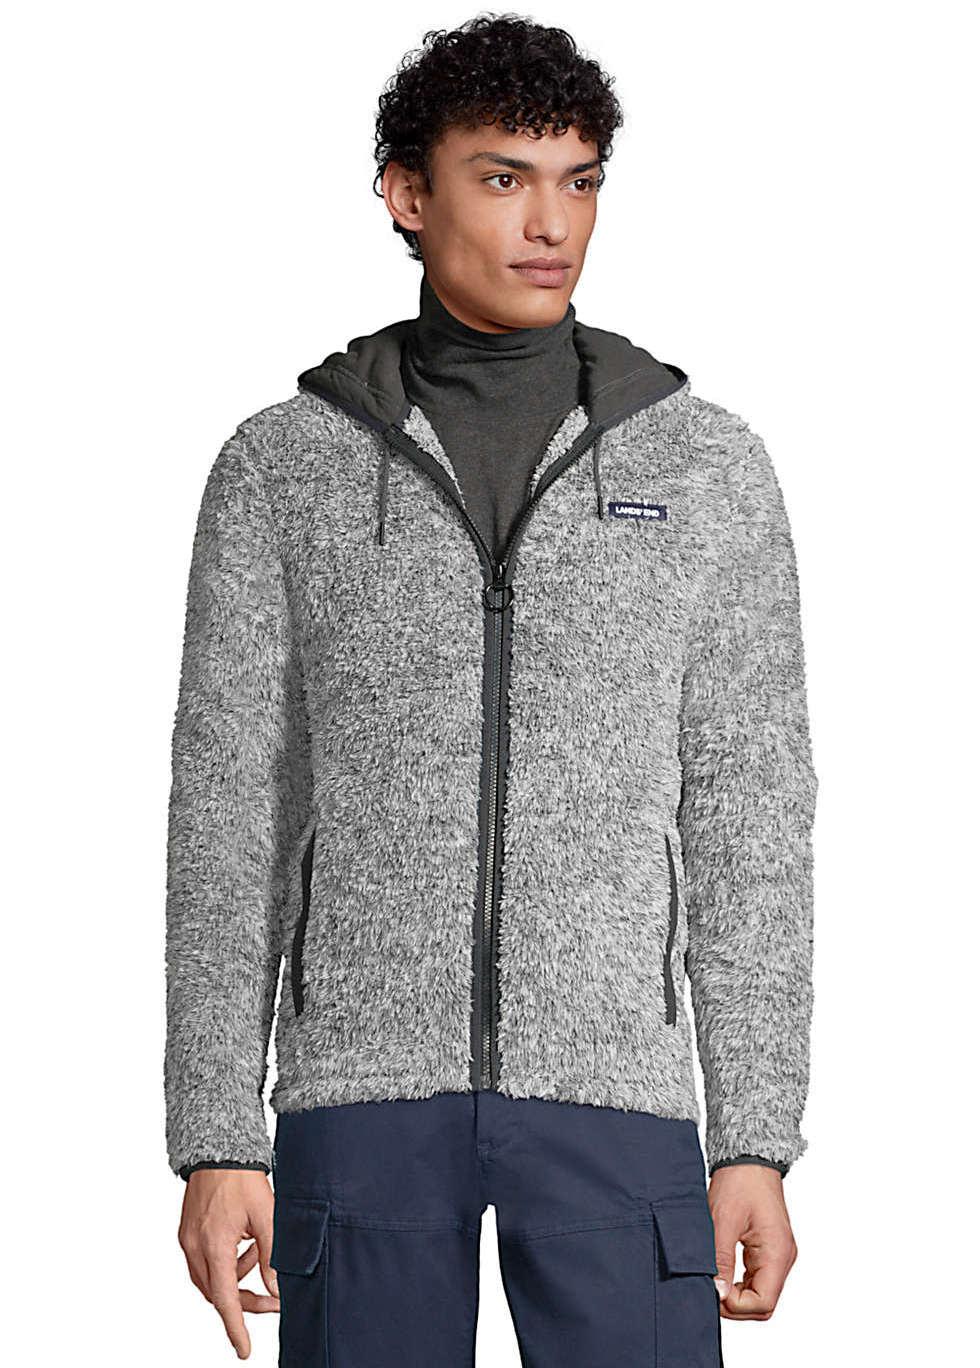 Lands' End Men's Softest Sherpa Fleece Full Zip Hoodie (L Sizes)